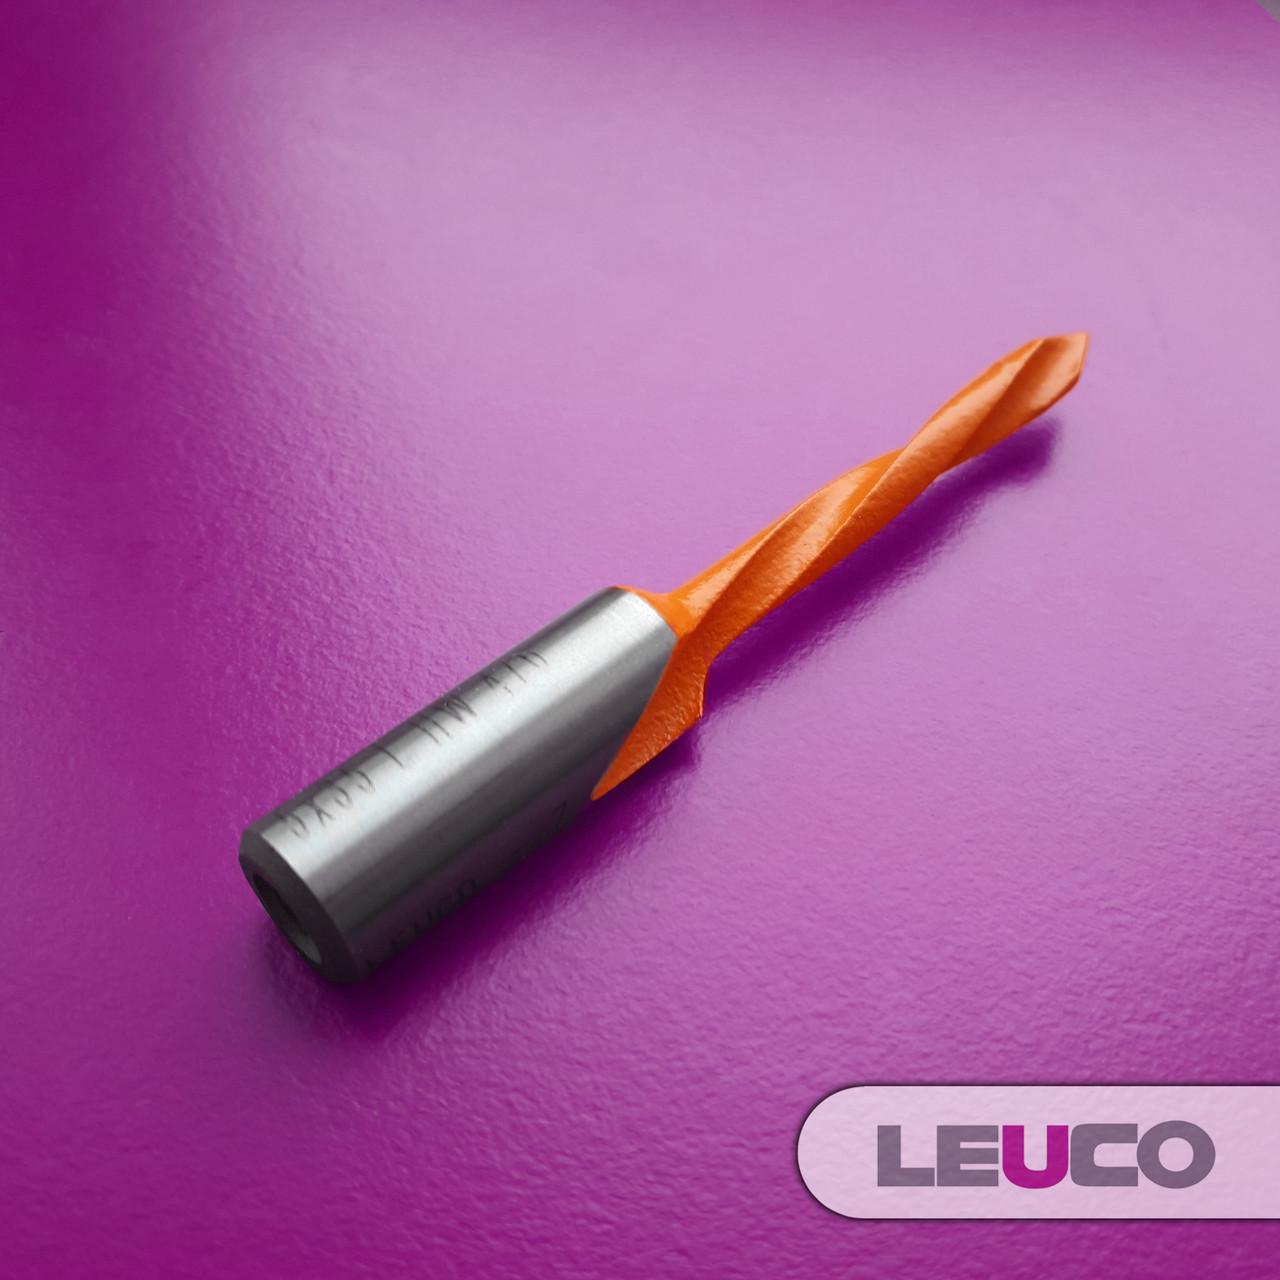 Сверло для сквозных отверстий Leuco с наконечником из твердого сплава, 5x70x35x10 (левое)